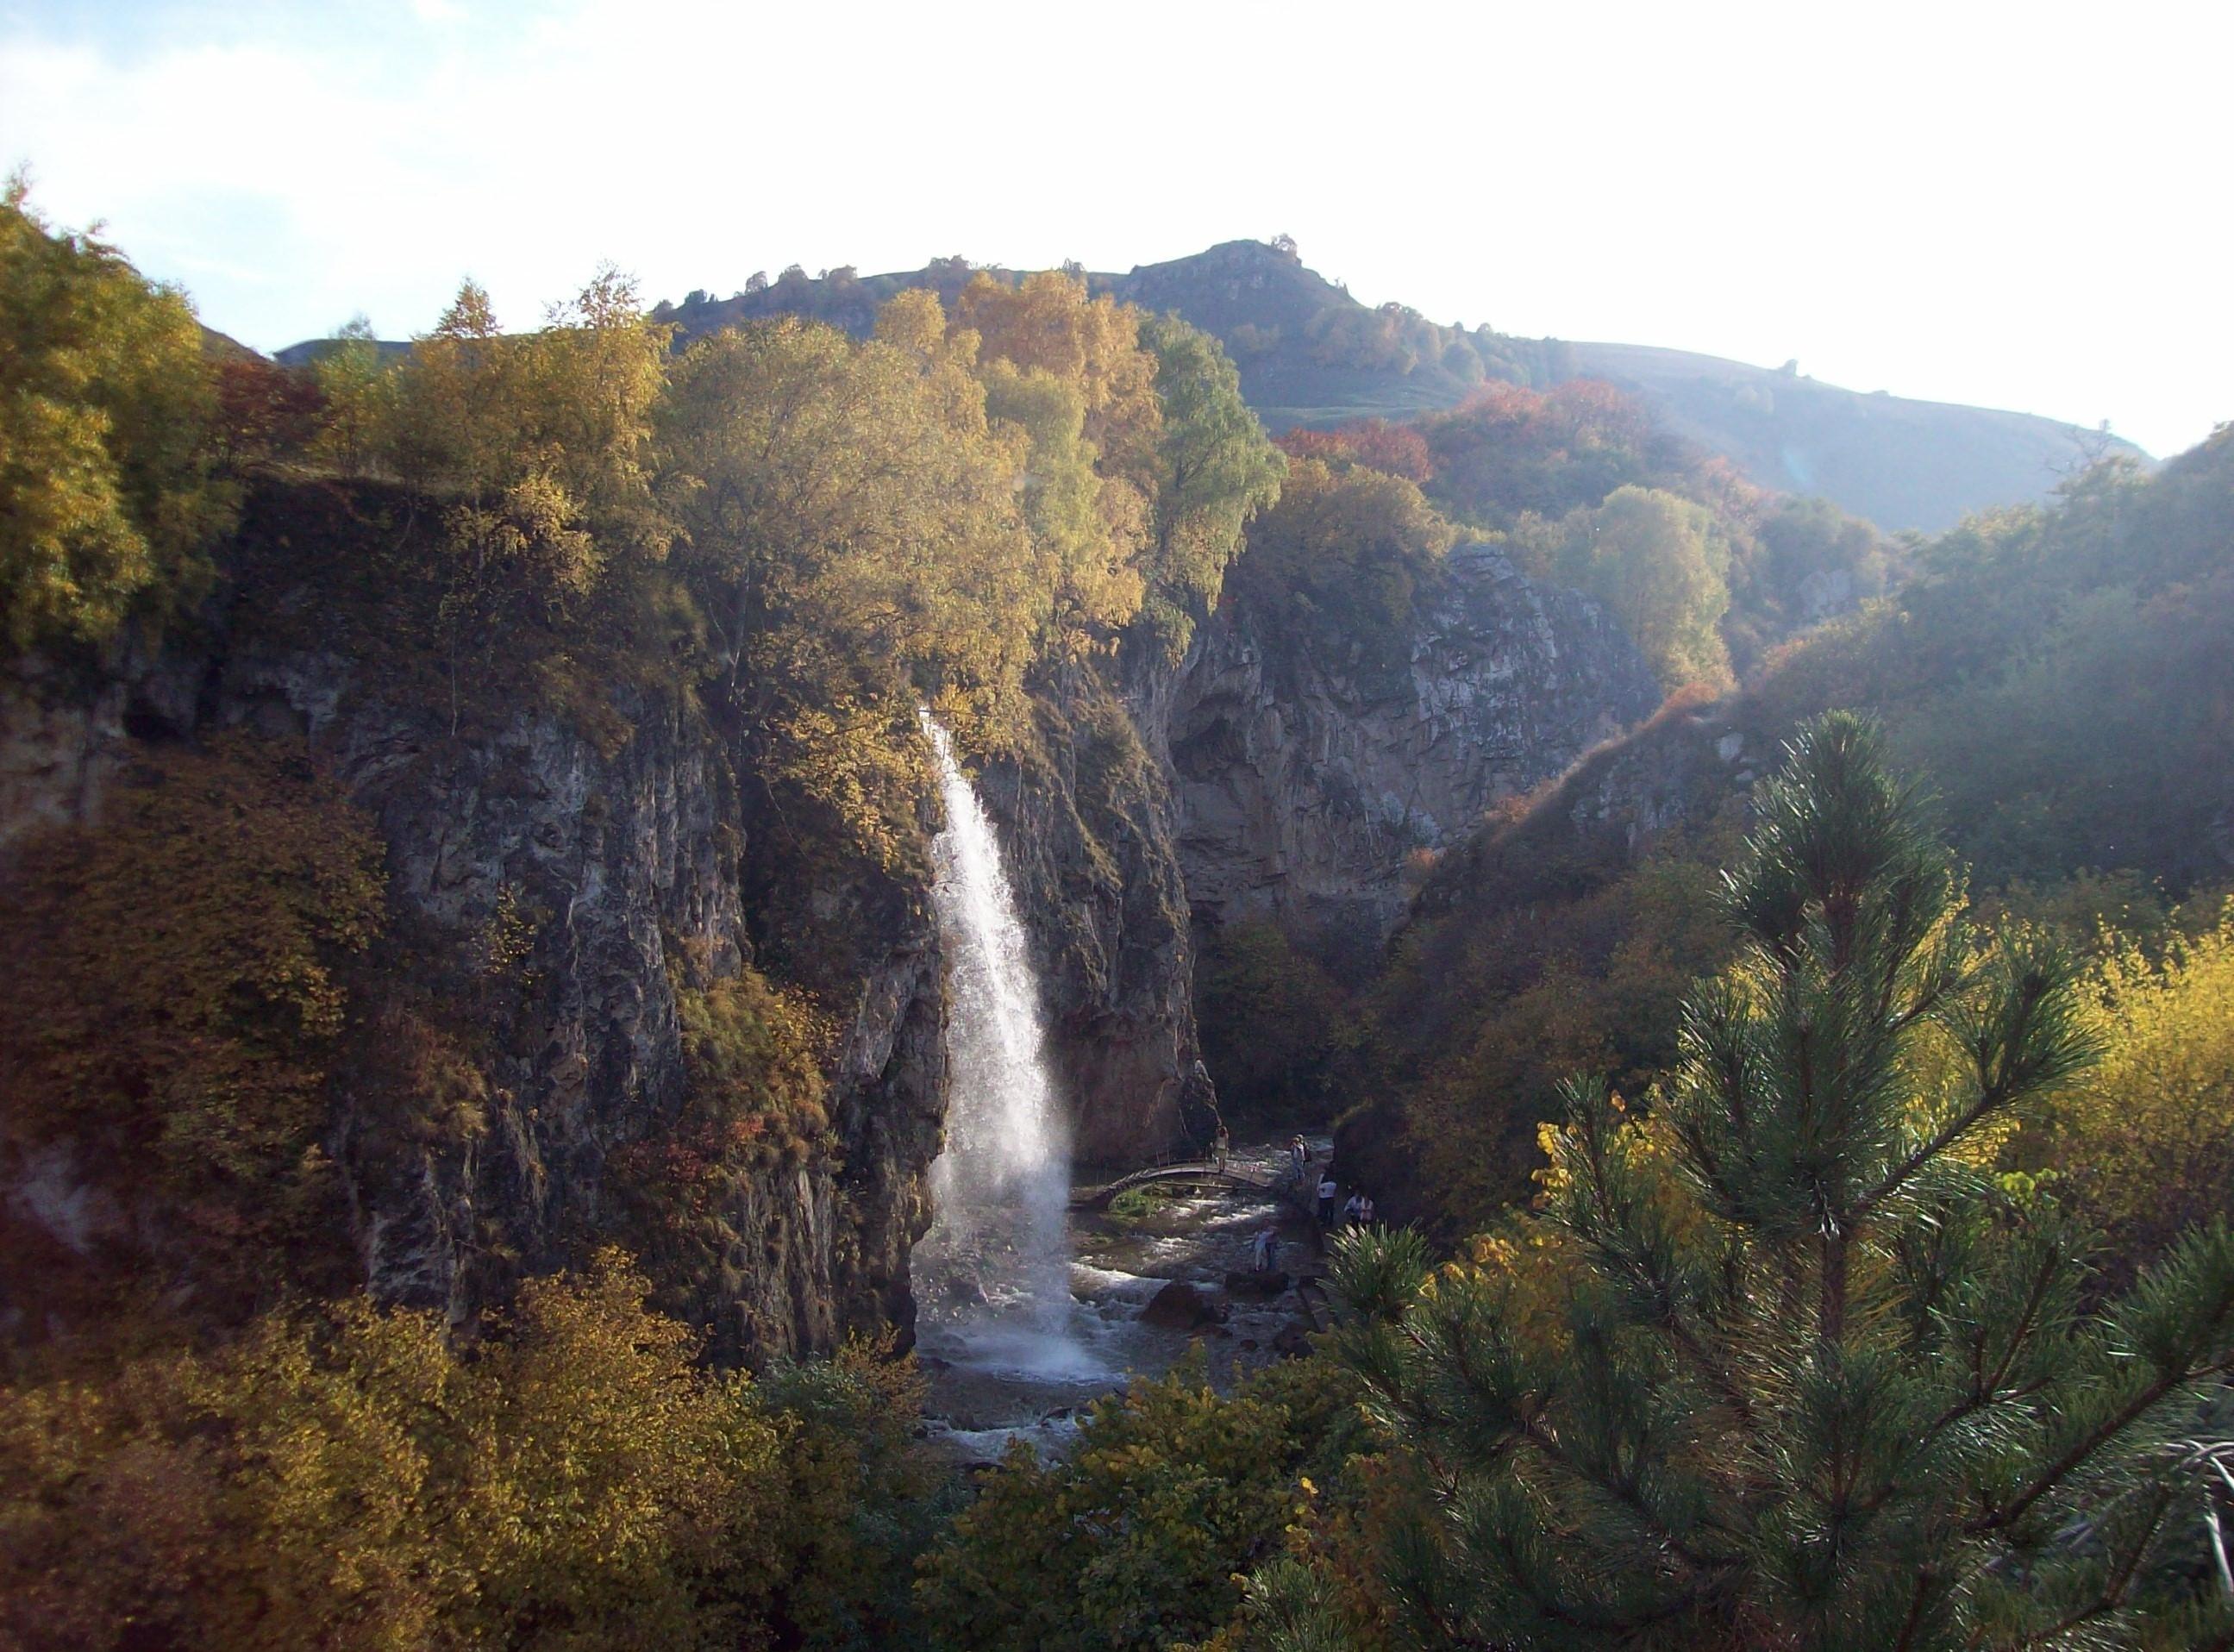 съемках фильмов медовые водопады в кисловодске фото минувшую субботу